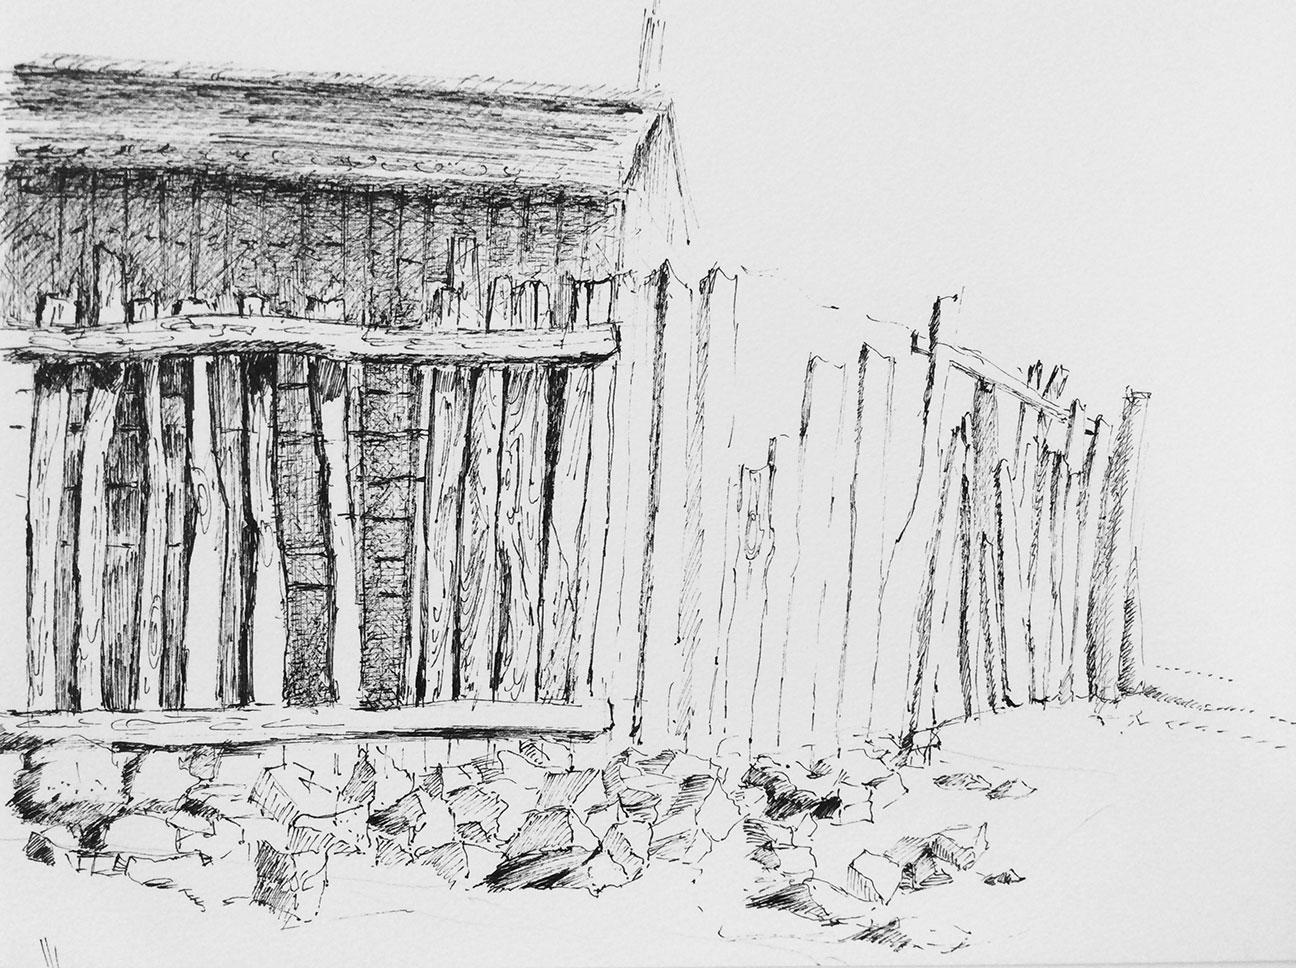 cours dessin perspective paysage feutre atelier3113 paris